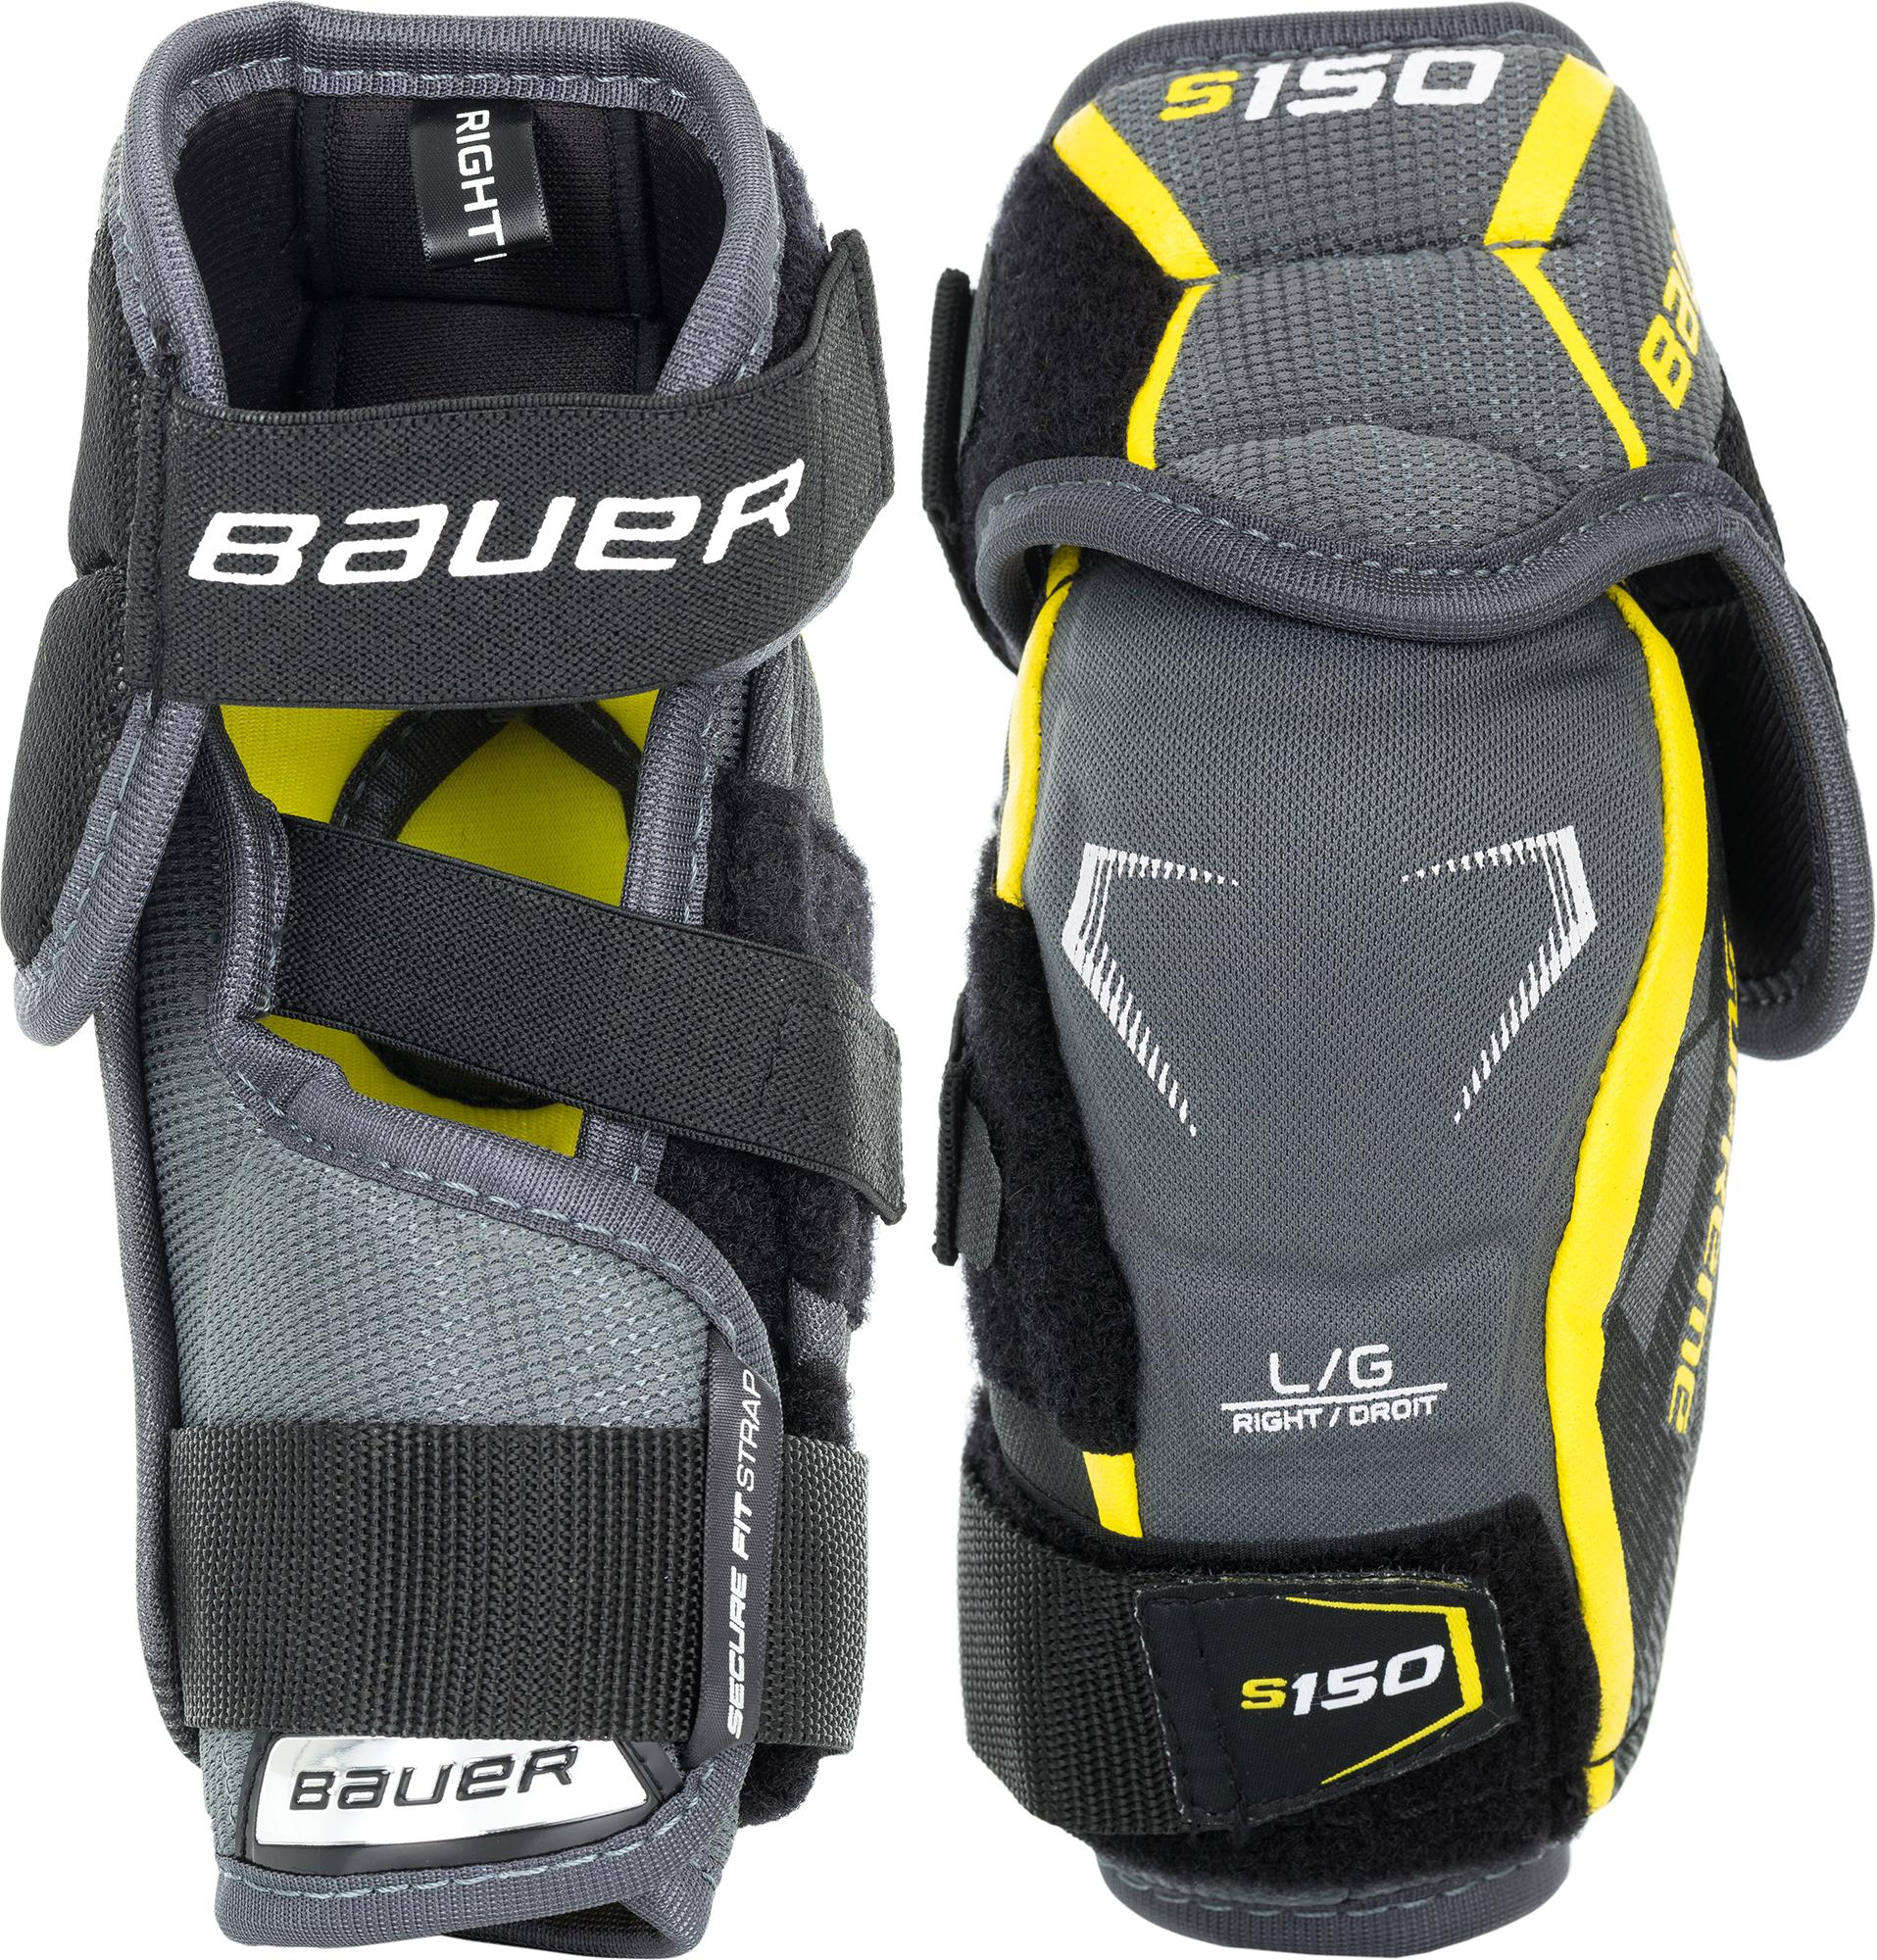 купить Bauer Налокотники хоккейные детские Bauer S17 Supreme S150 недорого